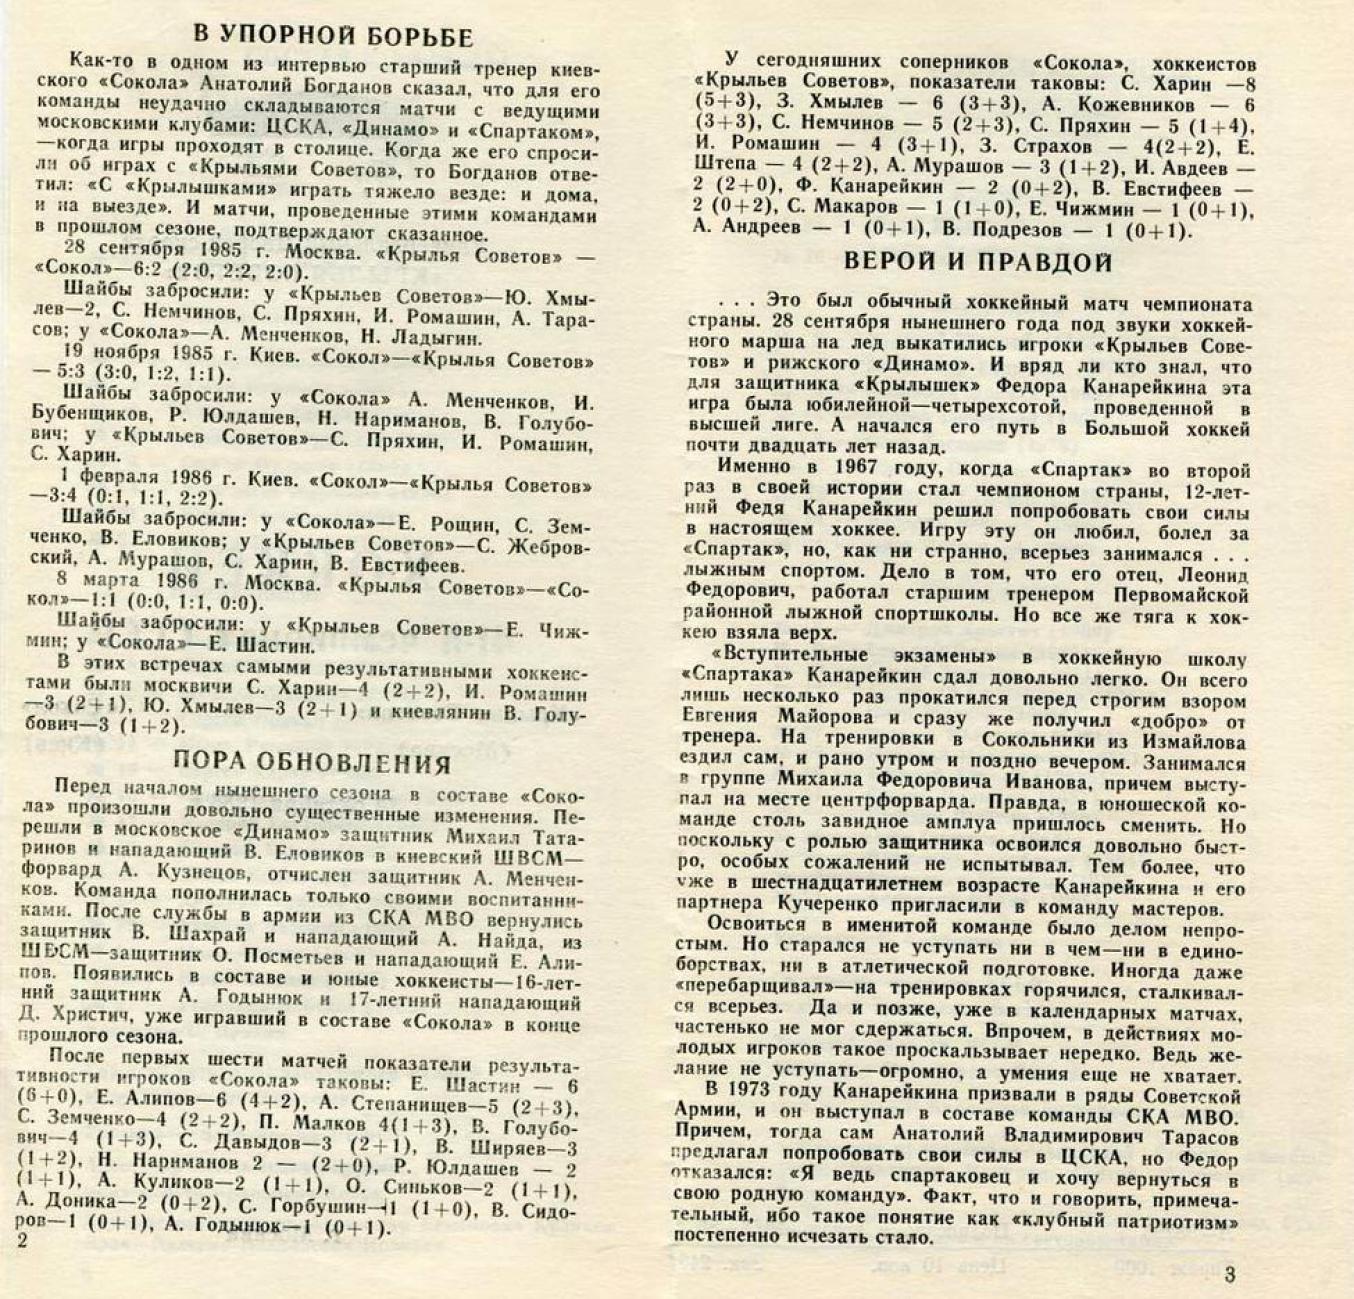 1986.10.14. Крылья Советов - Сокол, Киев (Чм. СССР)_02.png